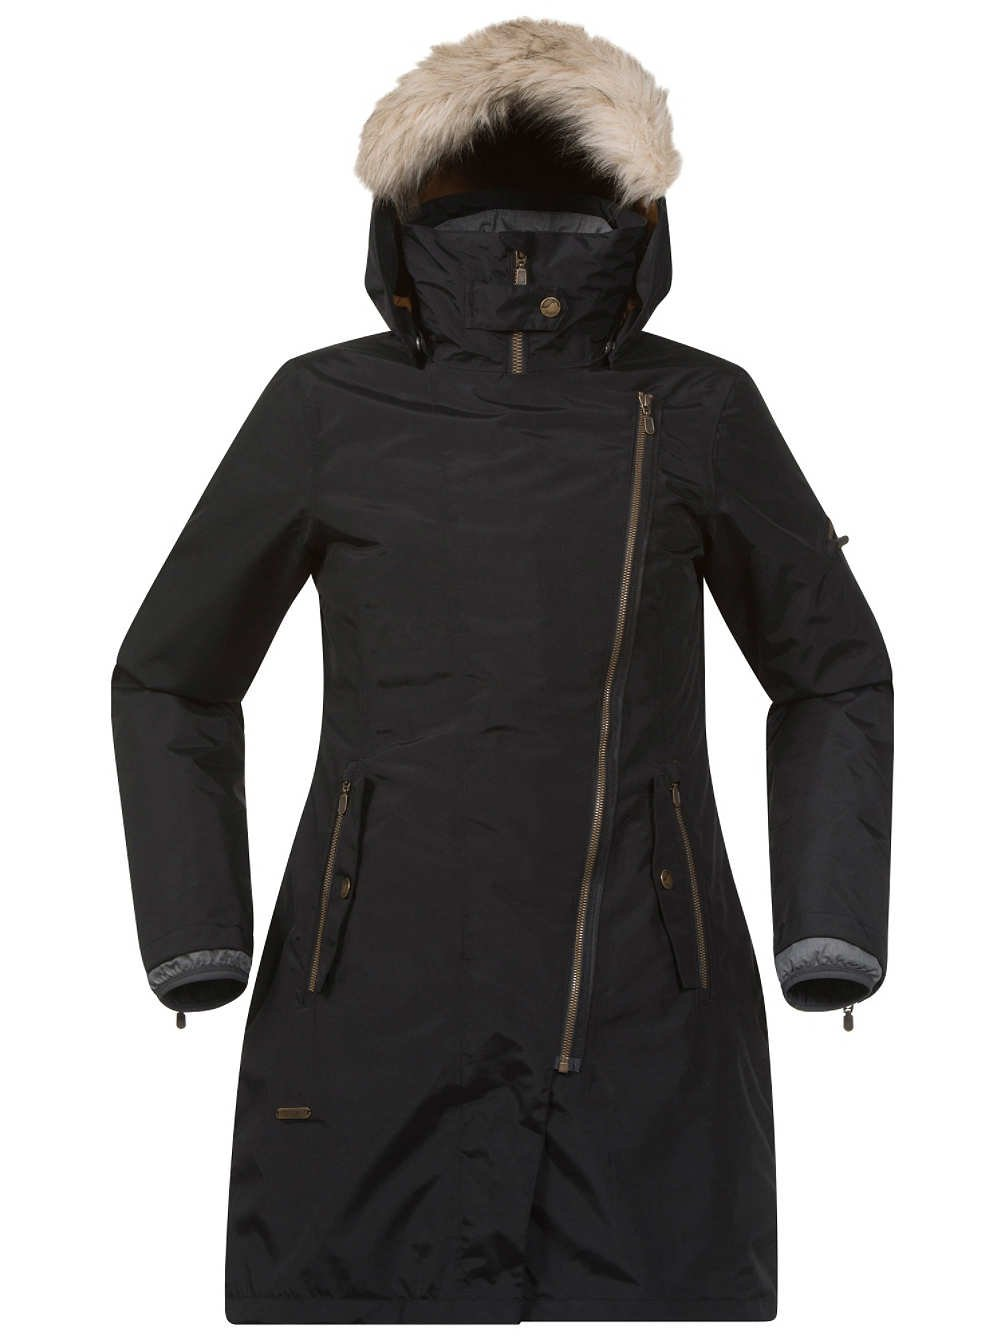 Bergans Sagene 3in1 Lady Jacket – Doppeljacke kaufen